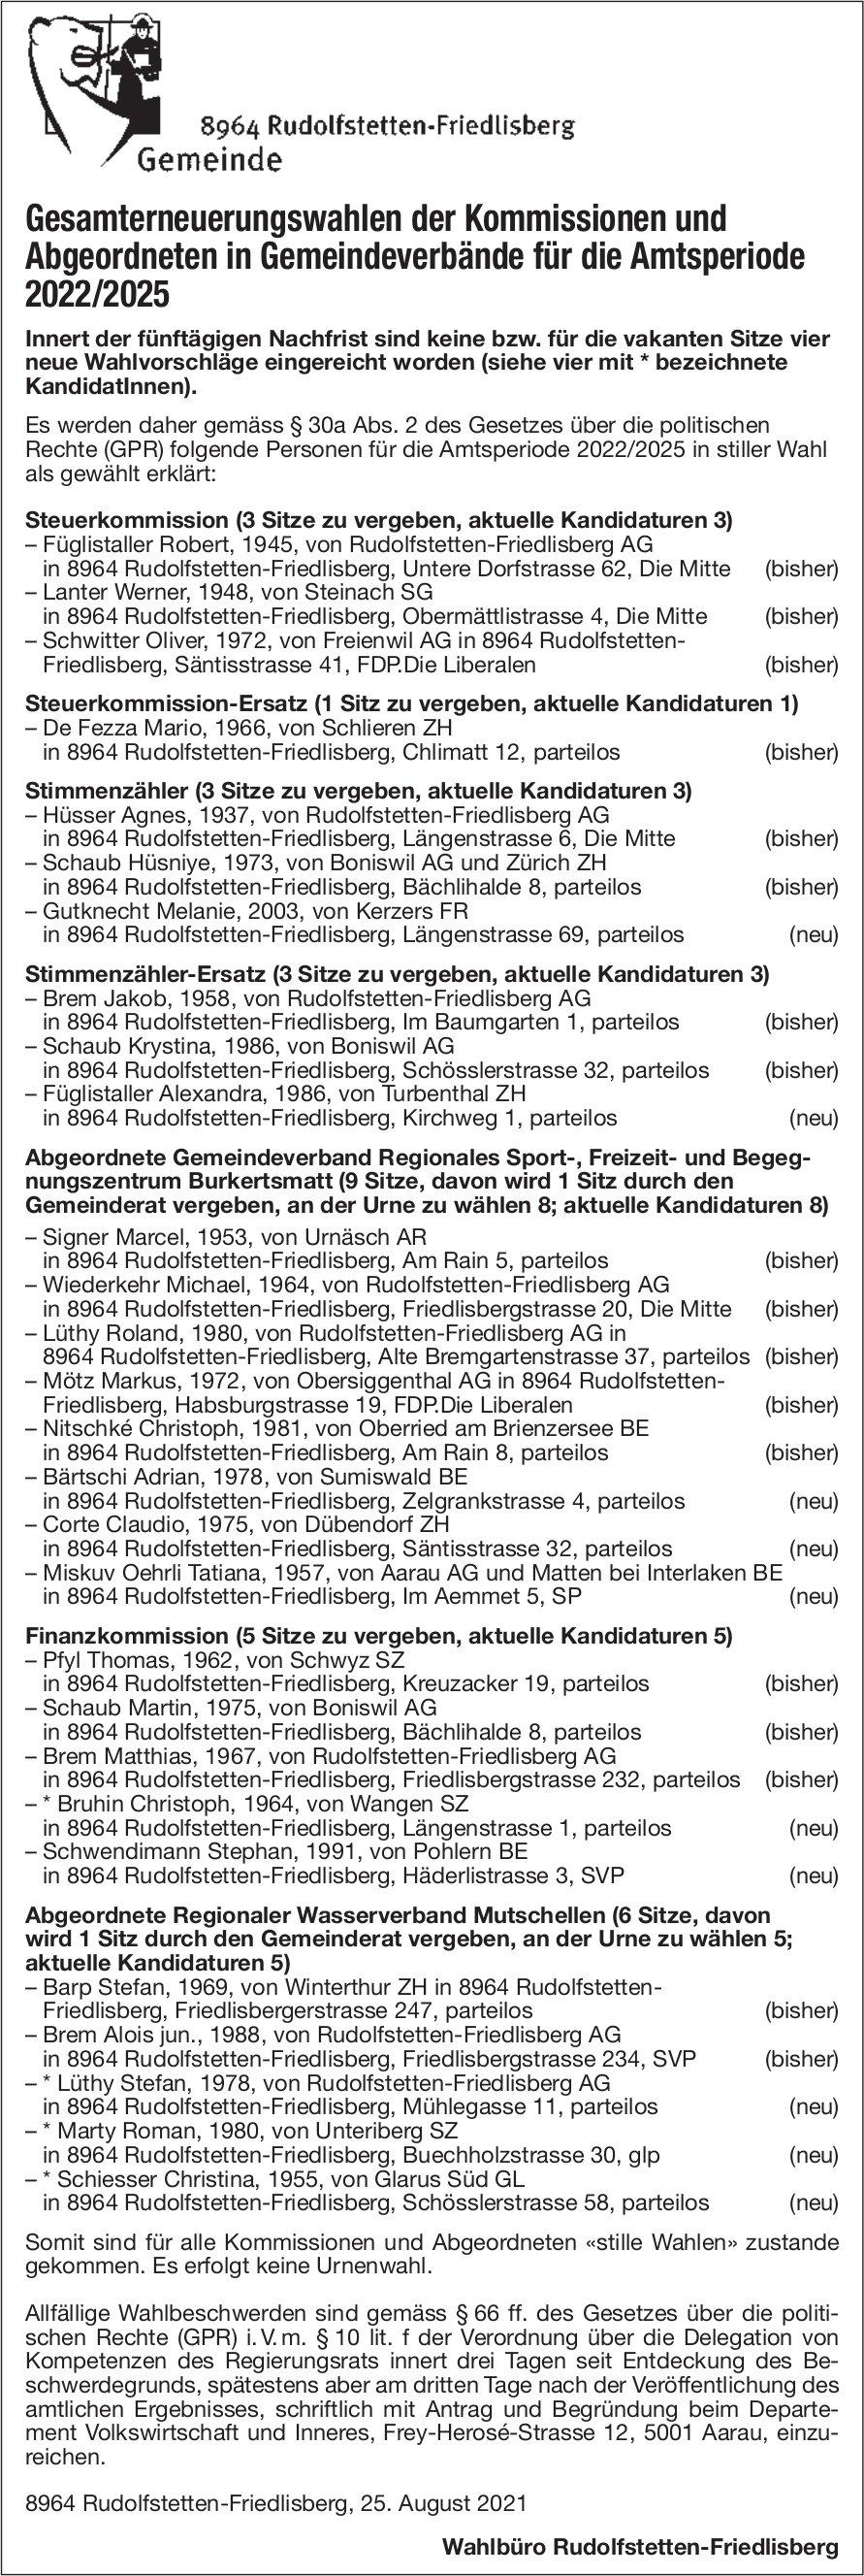 Rudolfstetten-Friedlisberg - Gesamterneuerungswahlen